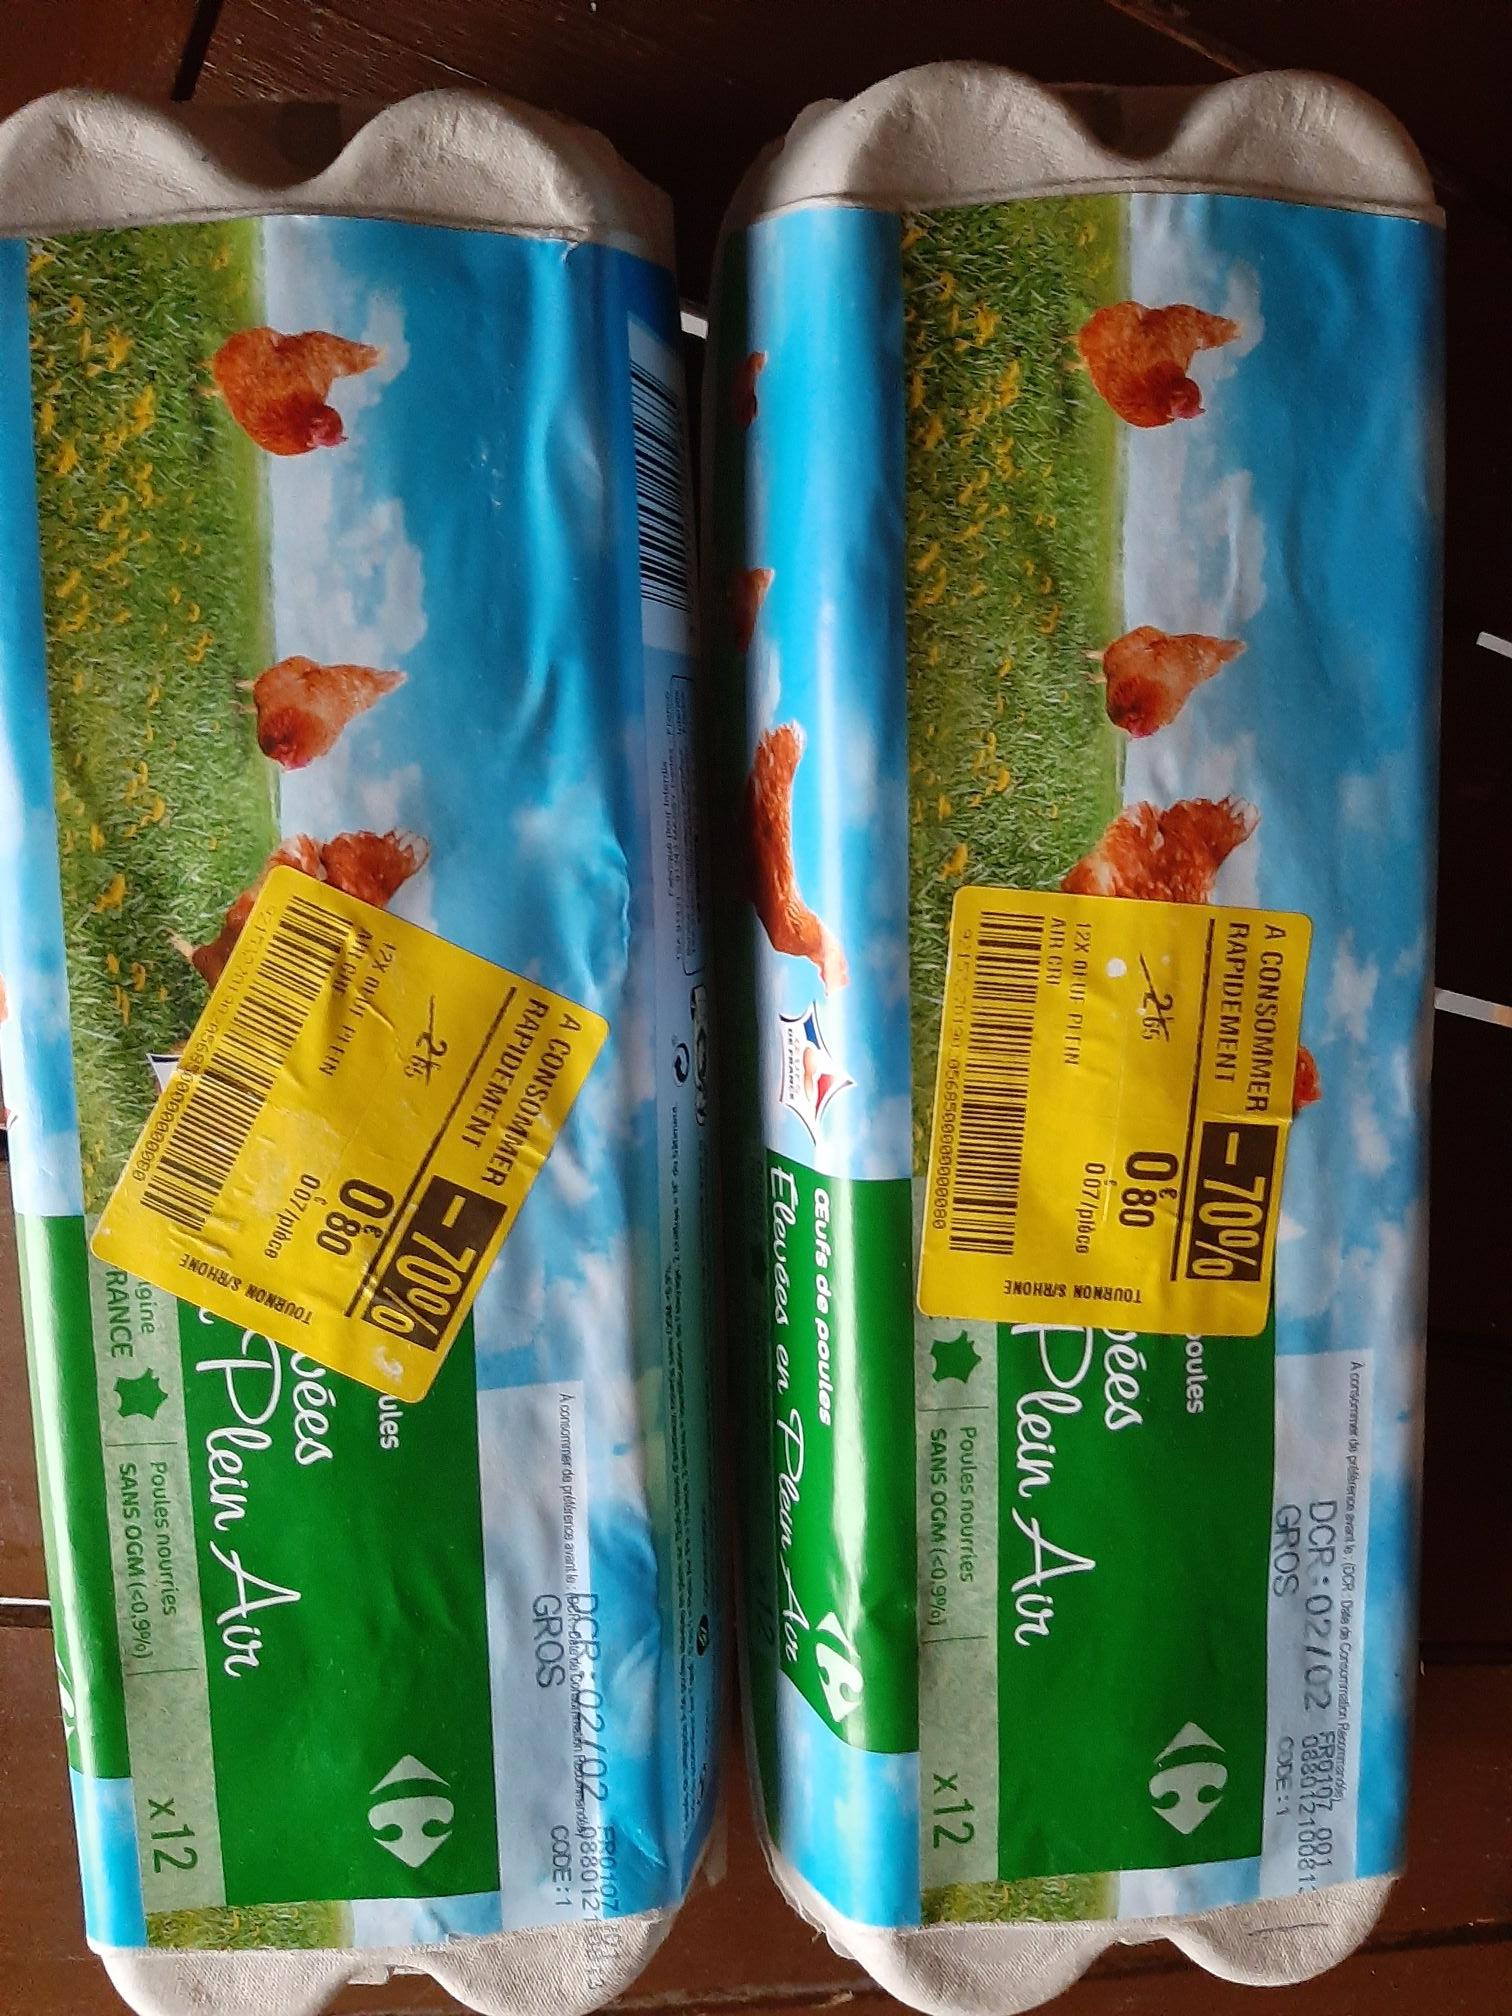 Paquet de 12 œufs de poules élevées en plein air Carrefour (DLC courte) - Tournon-sur-Rhône (07)